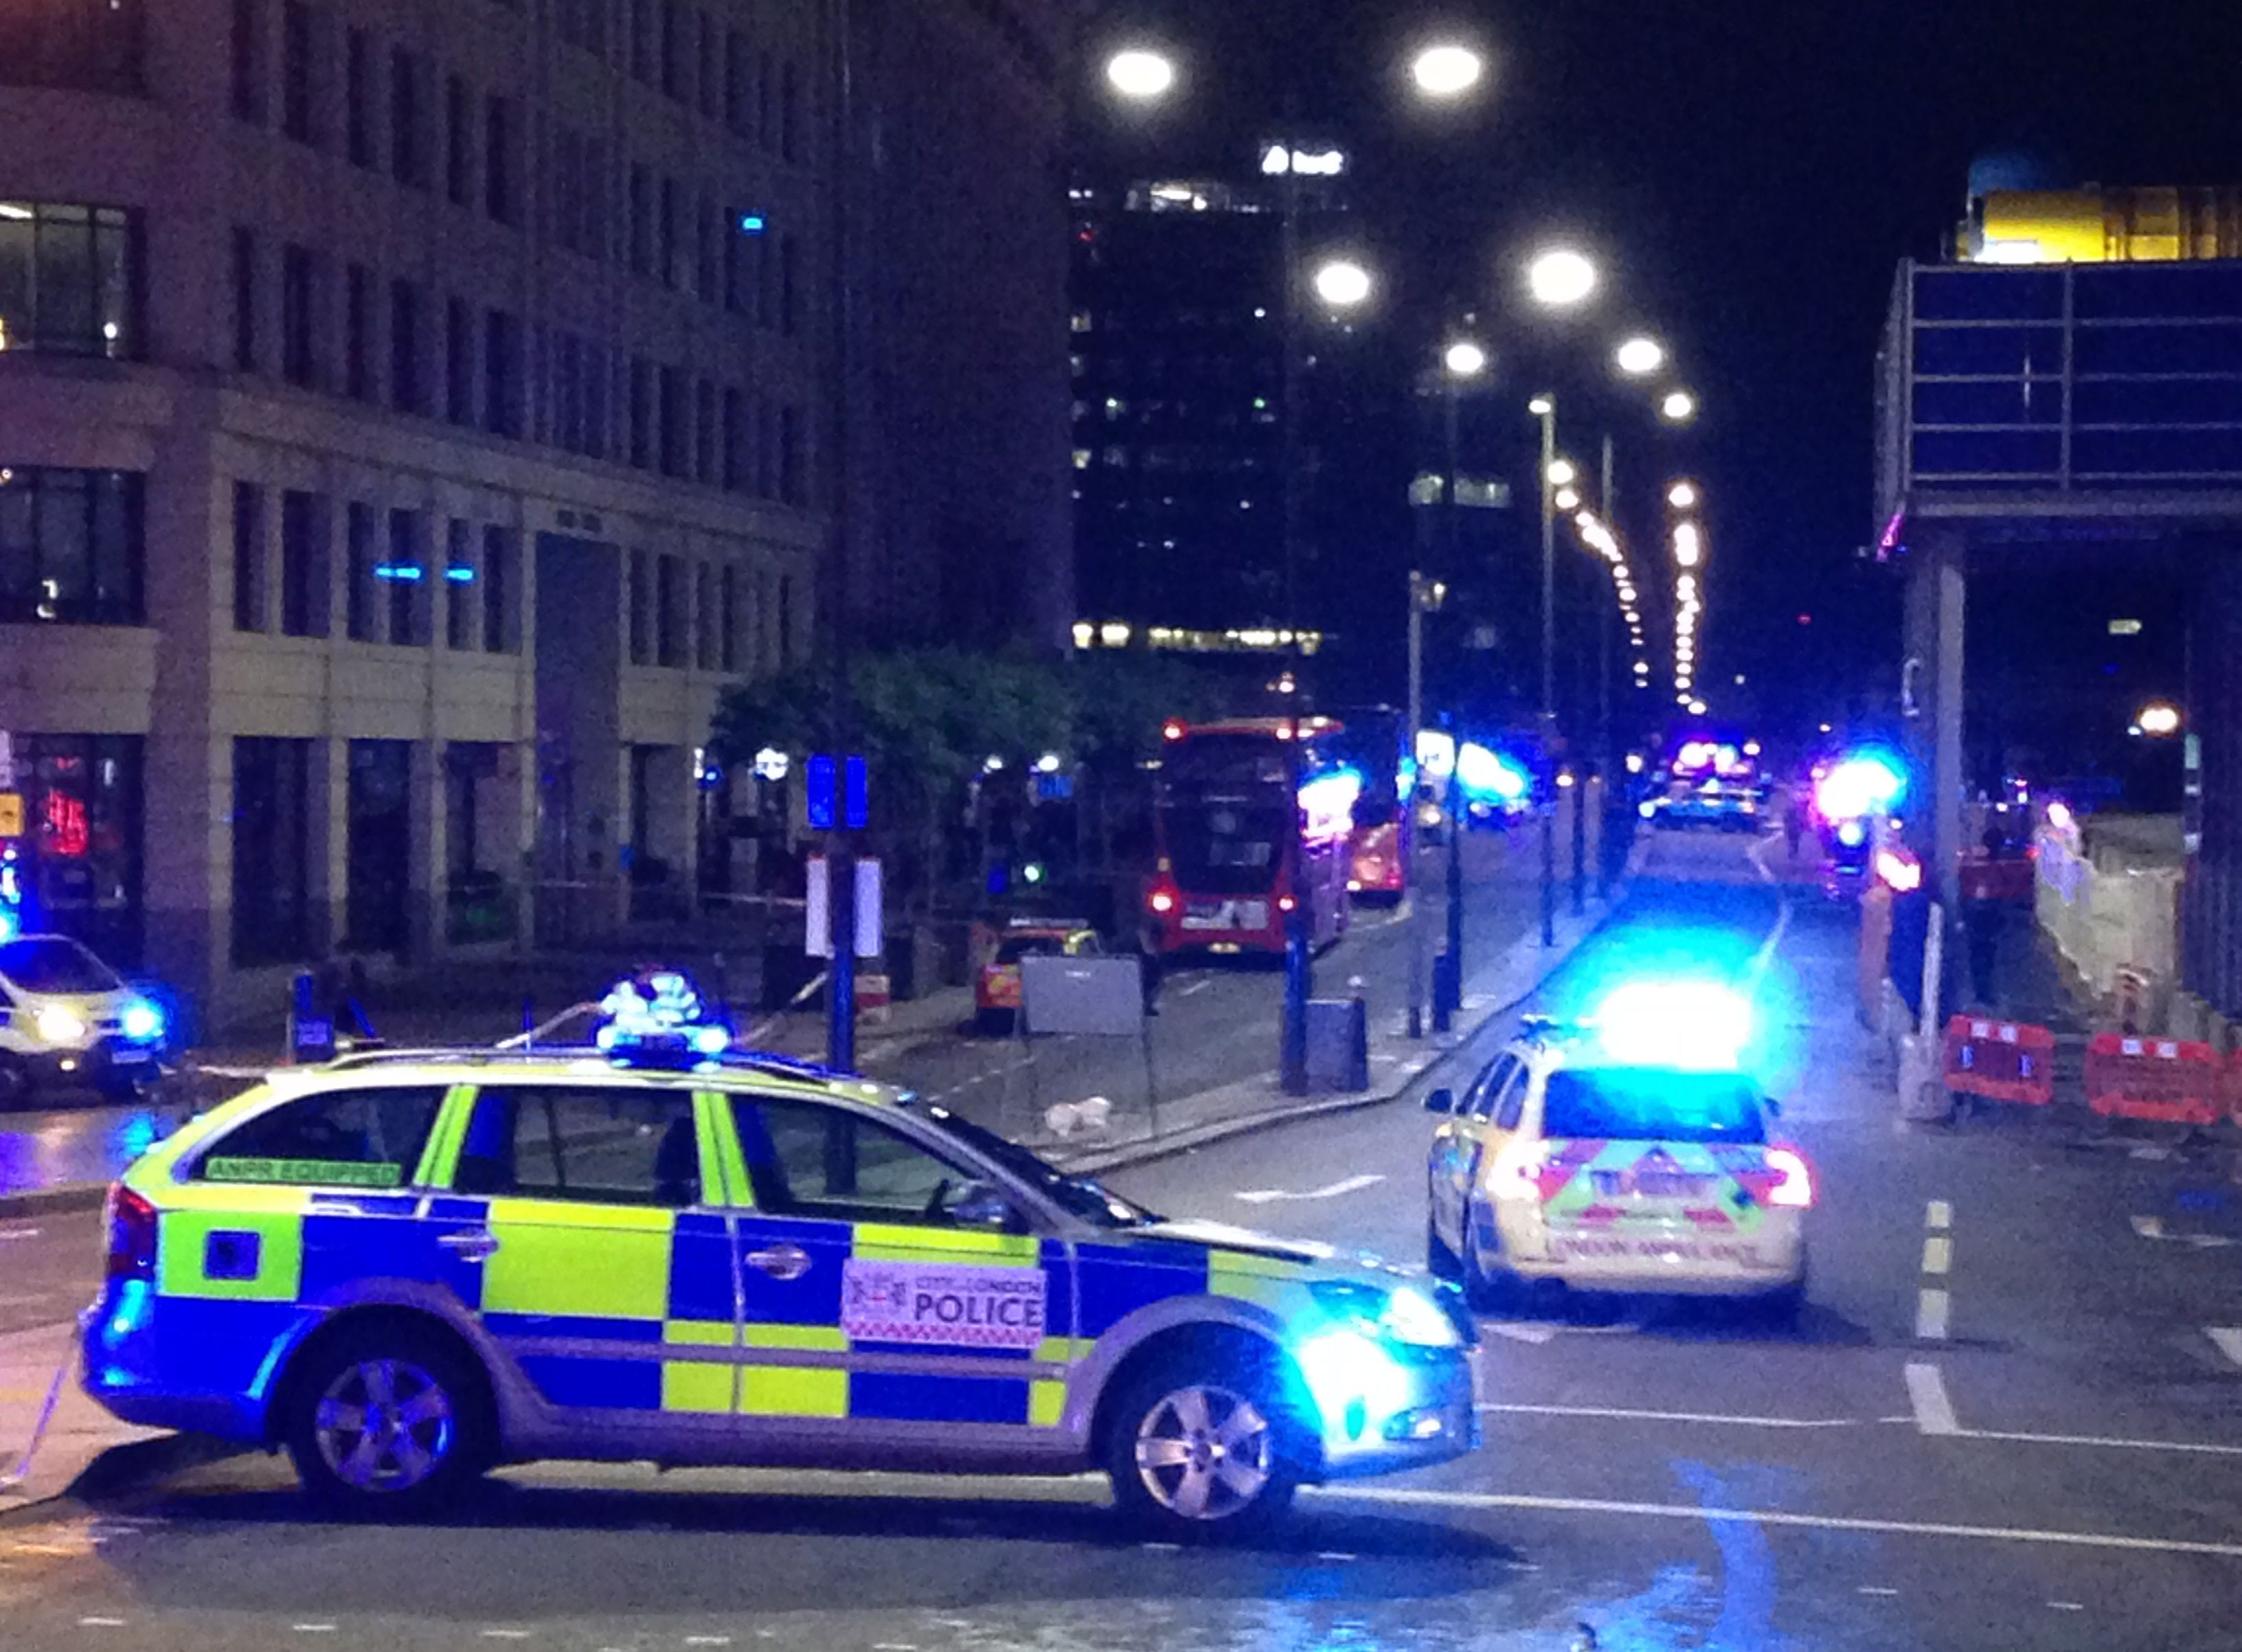 Londres. Pelo menos 21 feridos estão em estado crítico